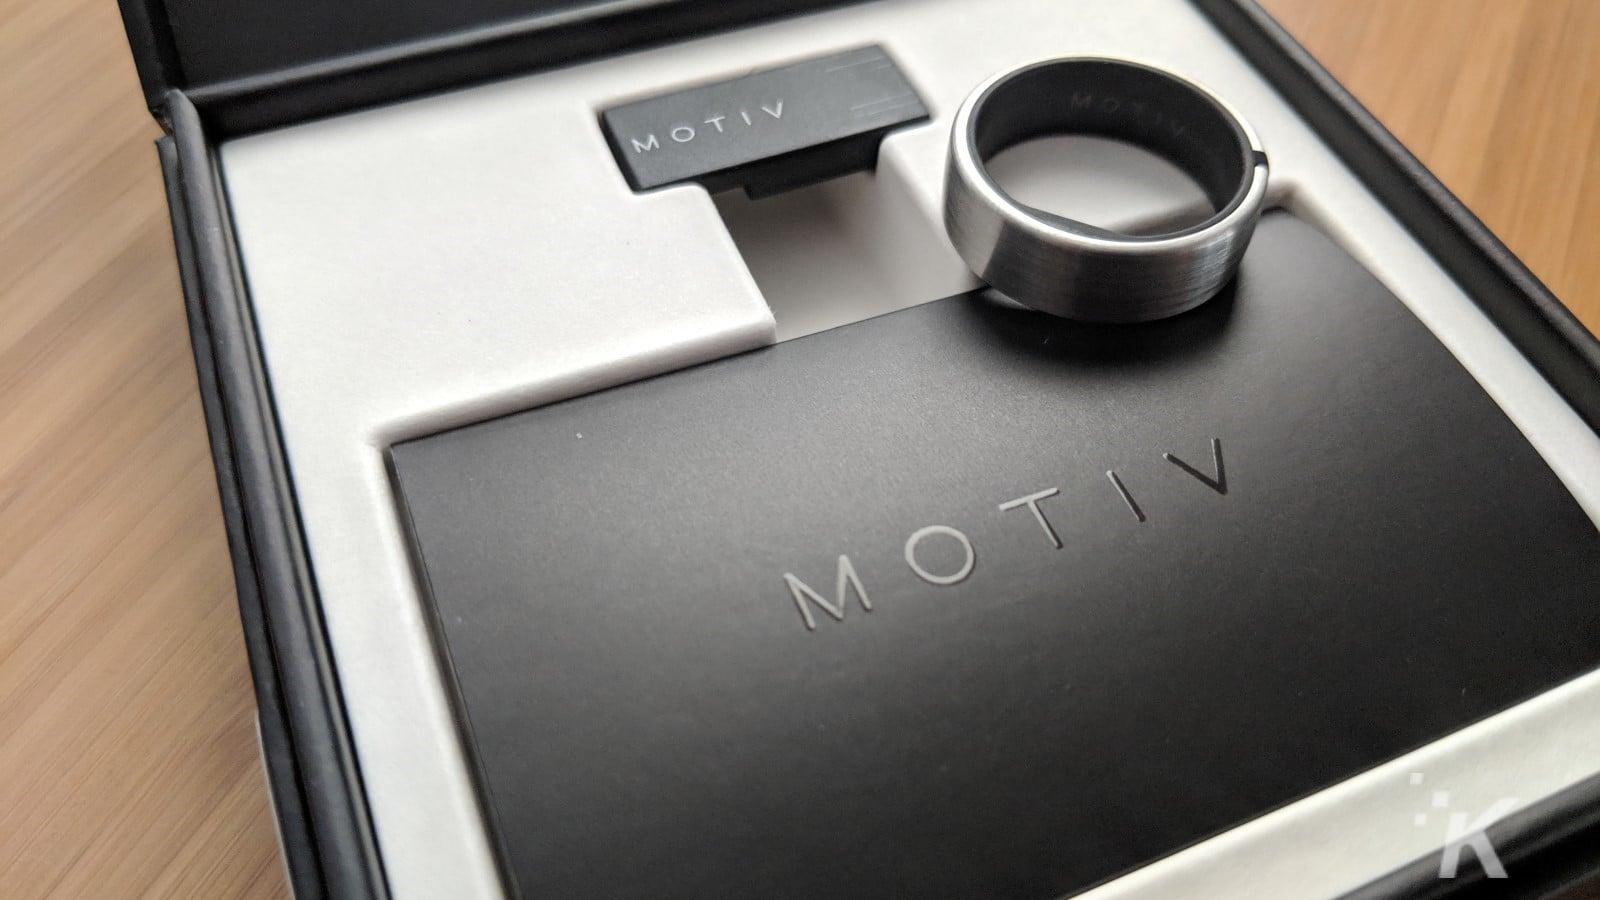 kutu üzerinde motiv fitness takip yüzüğü